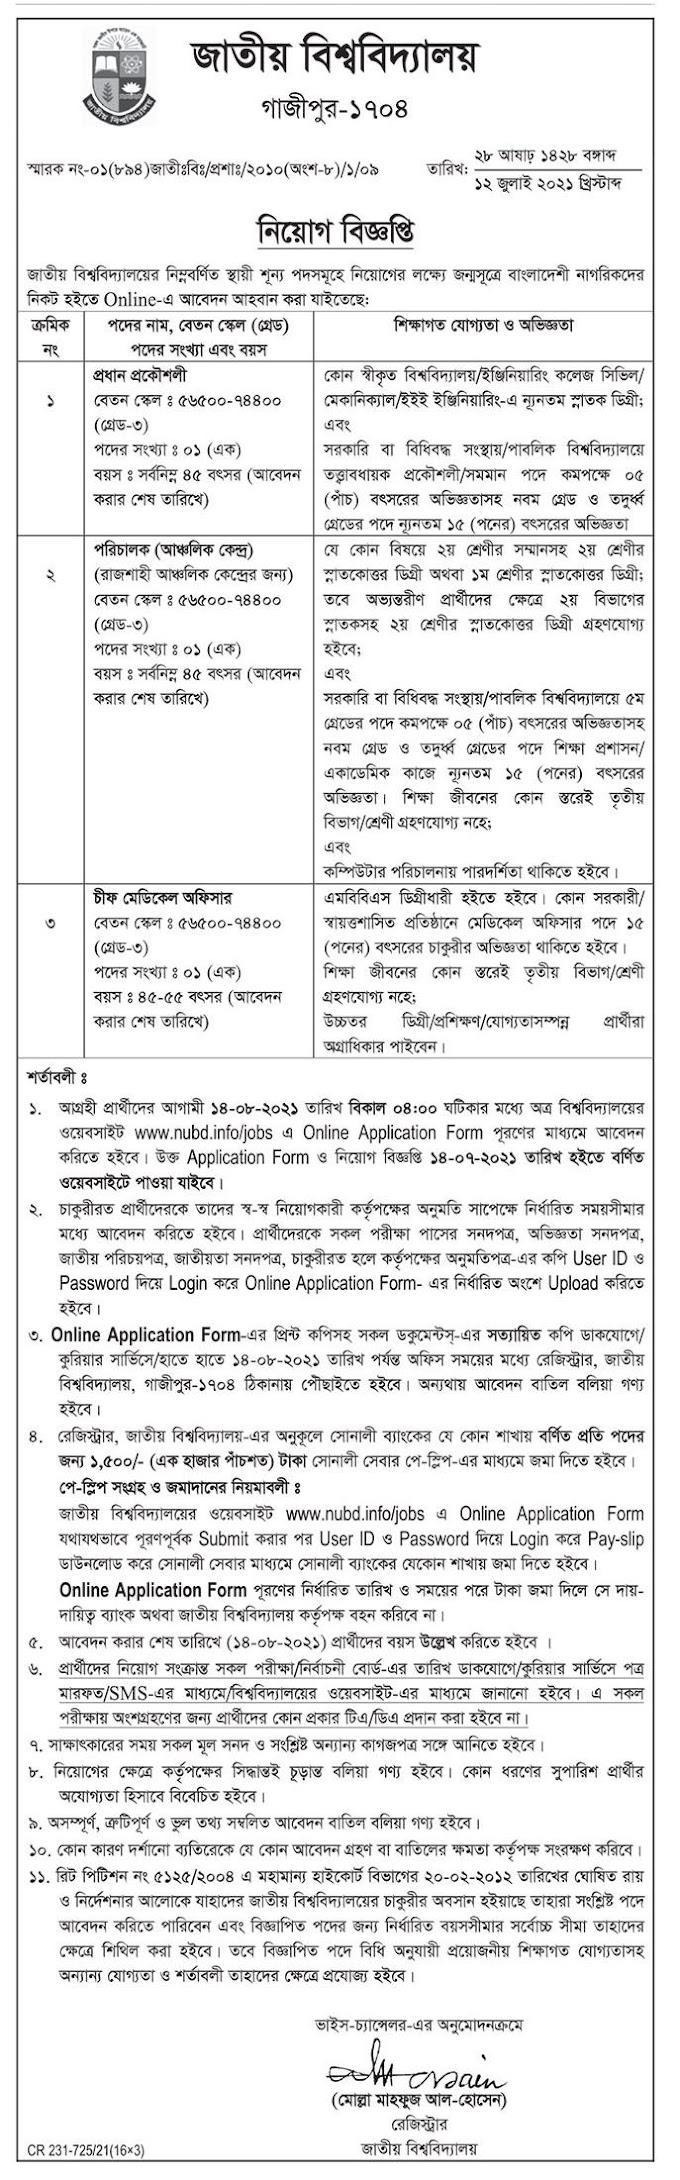 National University Job Circular 2021